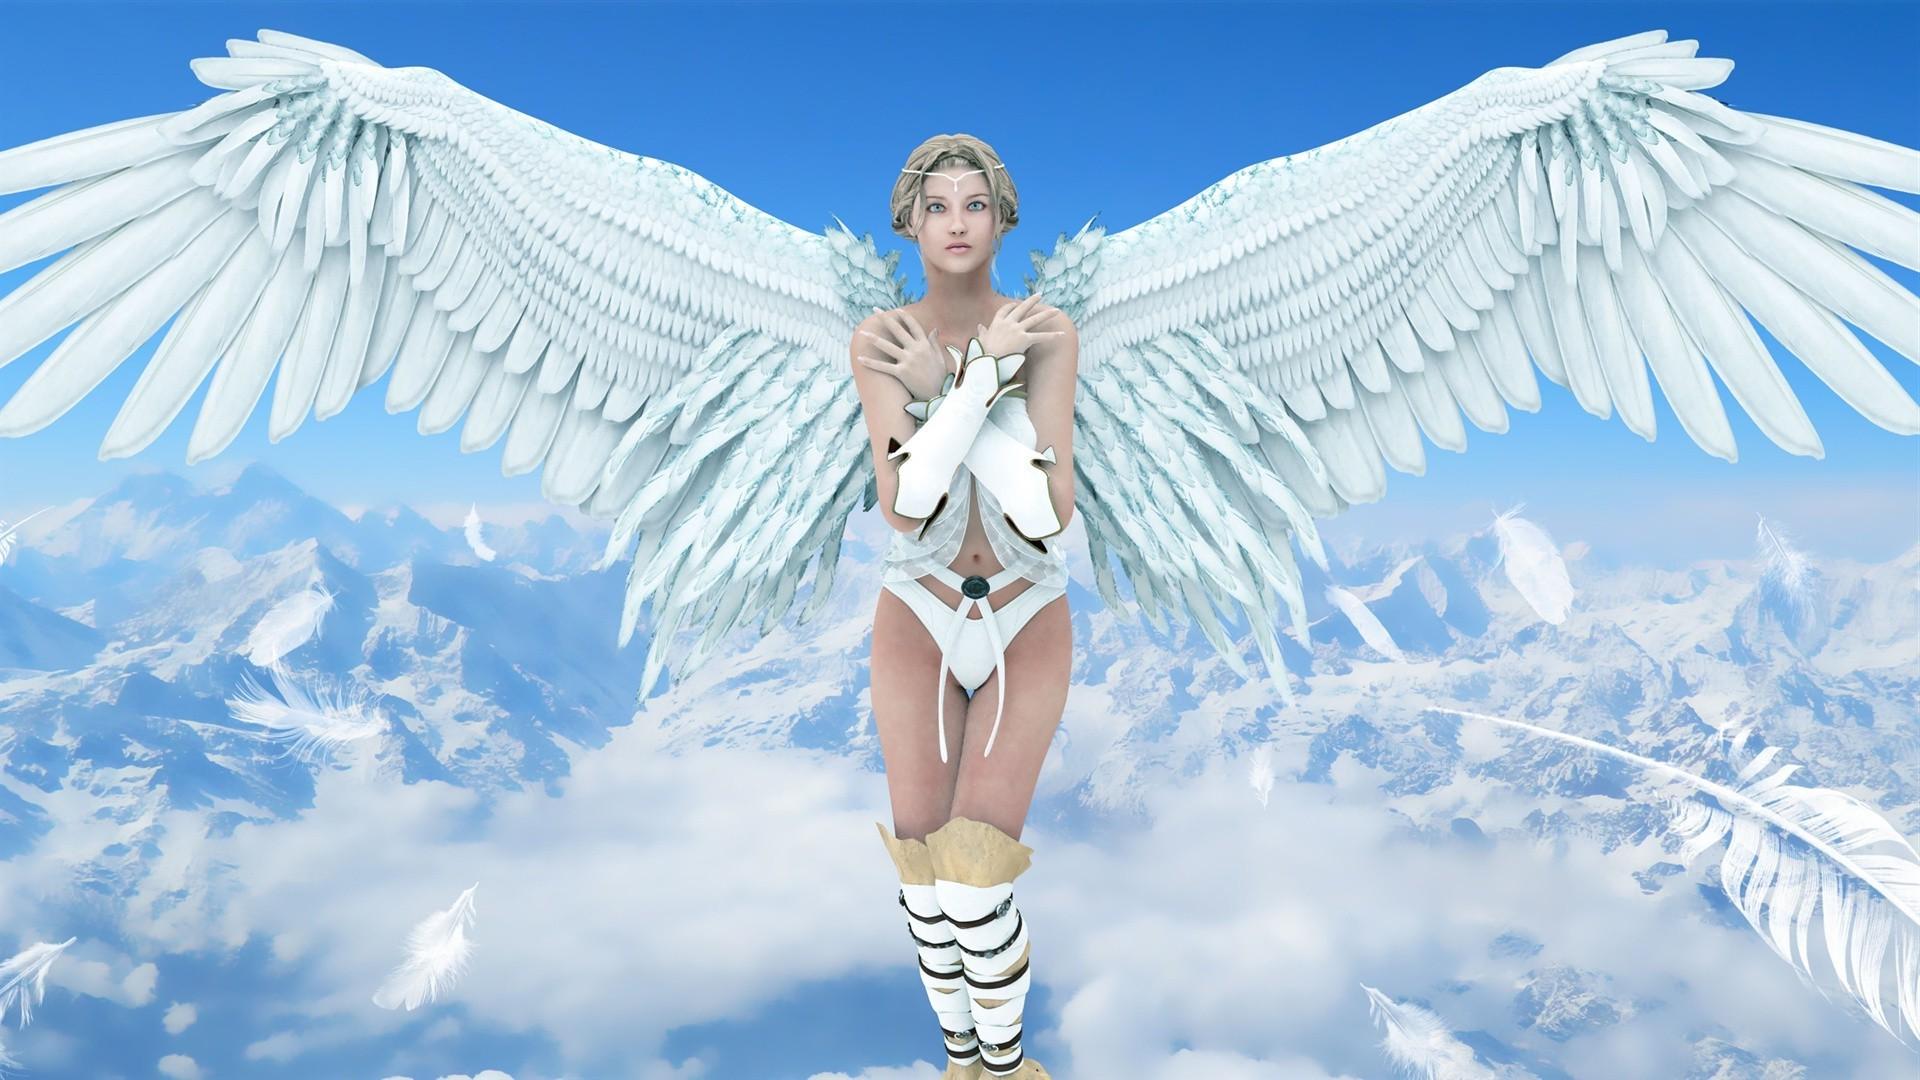 фото ангелов на телефон одной или